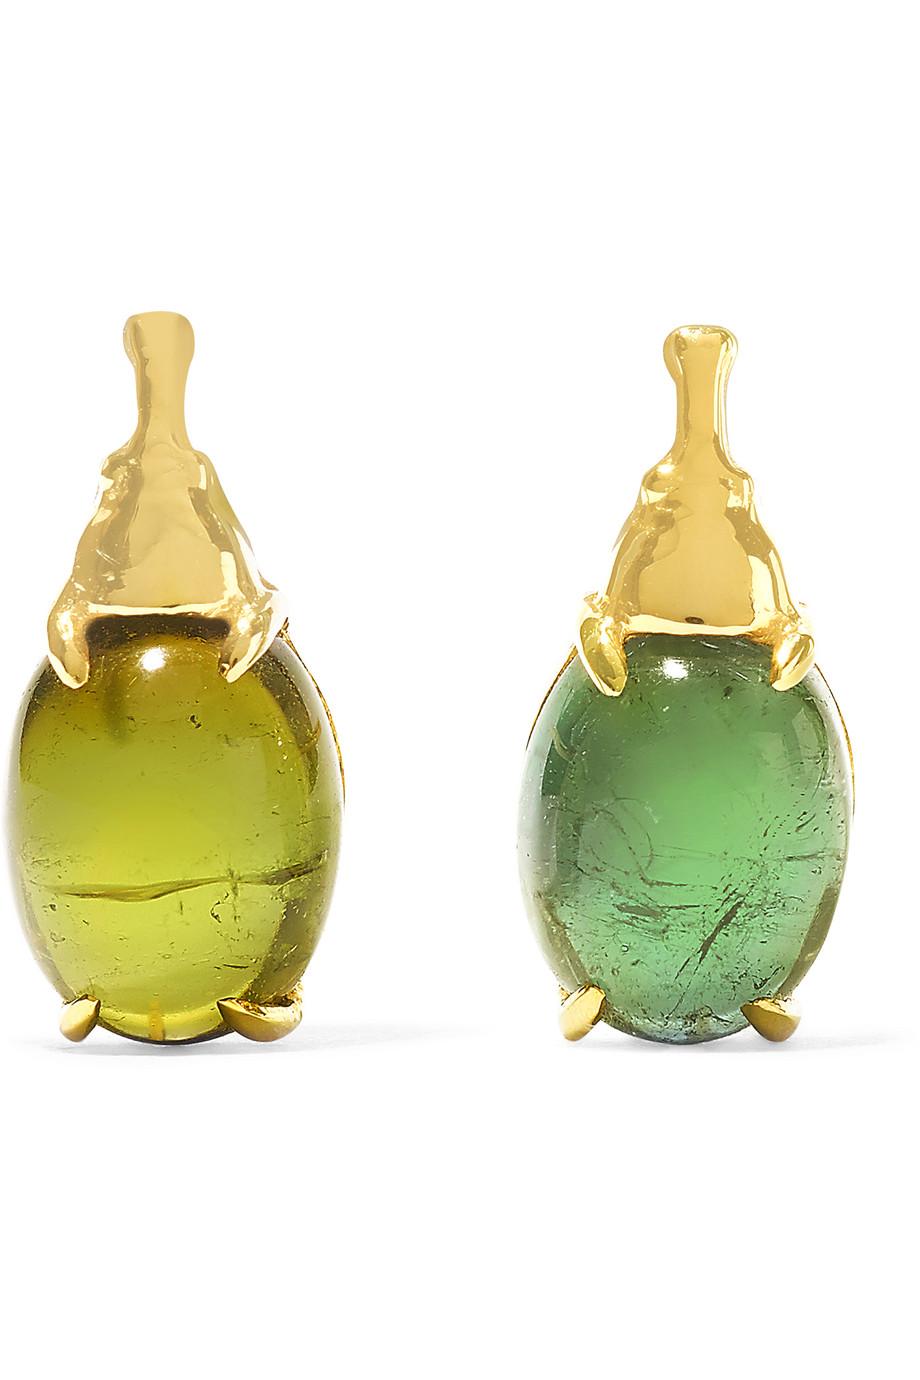 Nefertiti 18-Karat Gold Tourmaline Earrings, Daniela Villegas, Gold/Light Green, Women's